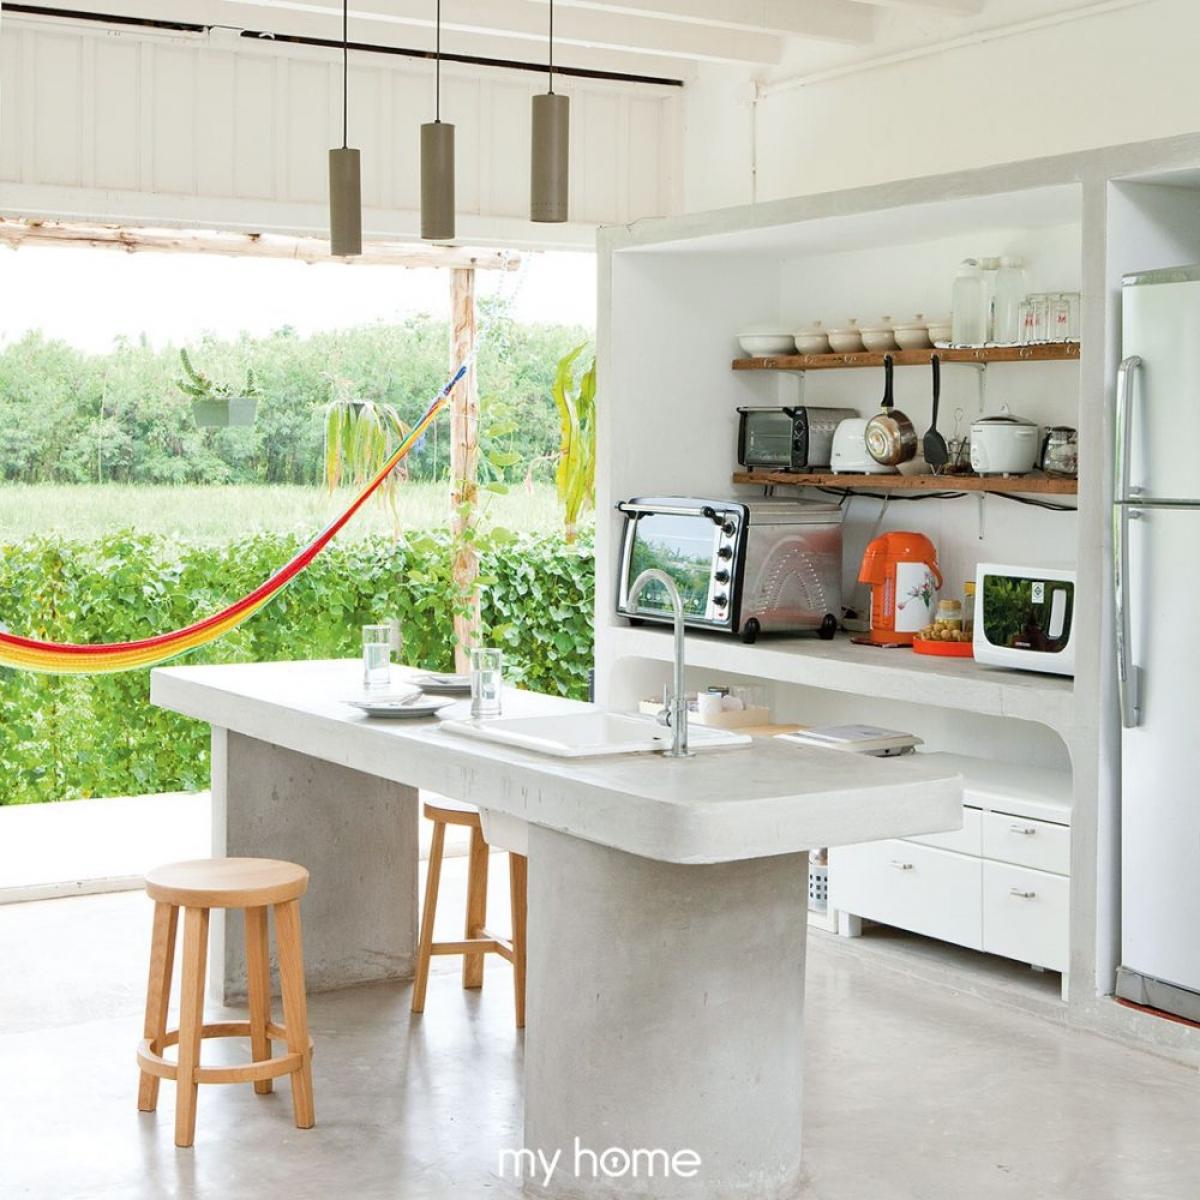 Không gian bếp nhỏ nhắn, đáng yêu với những gì vừa mộc mạc lại hiện đại, tinh tế.